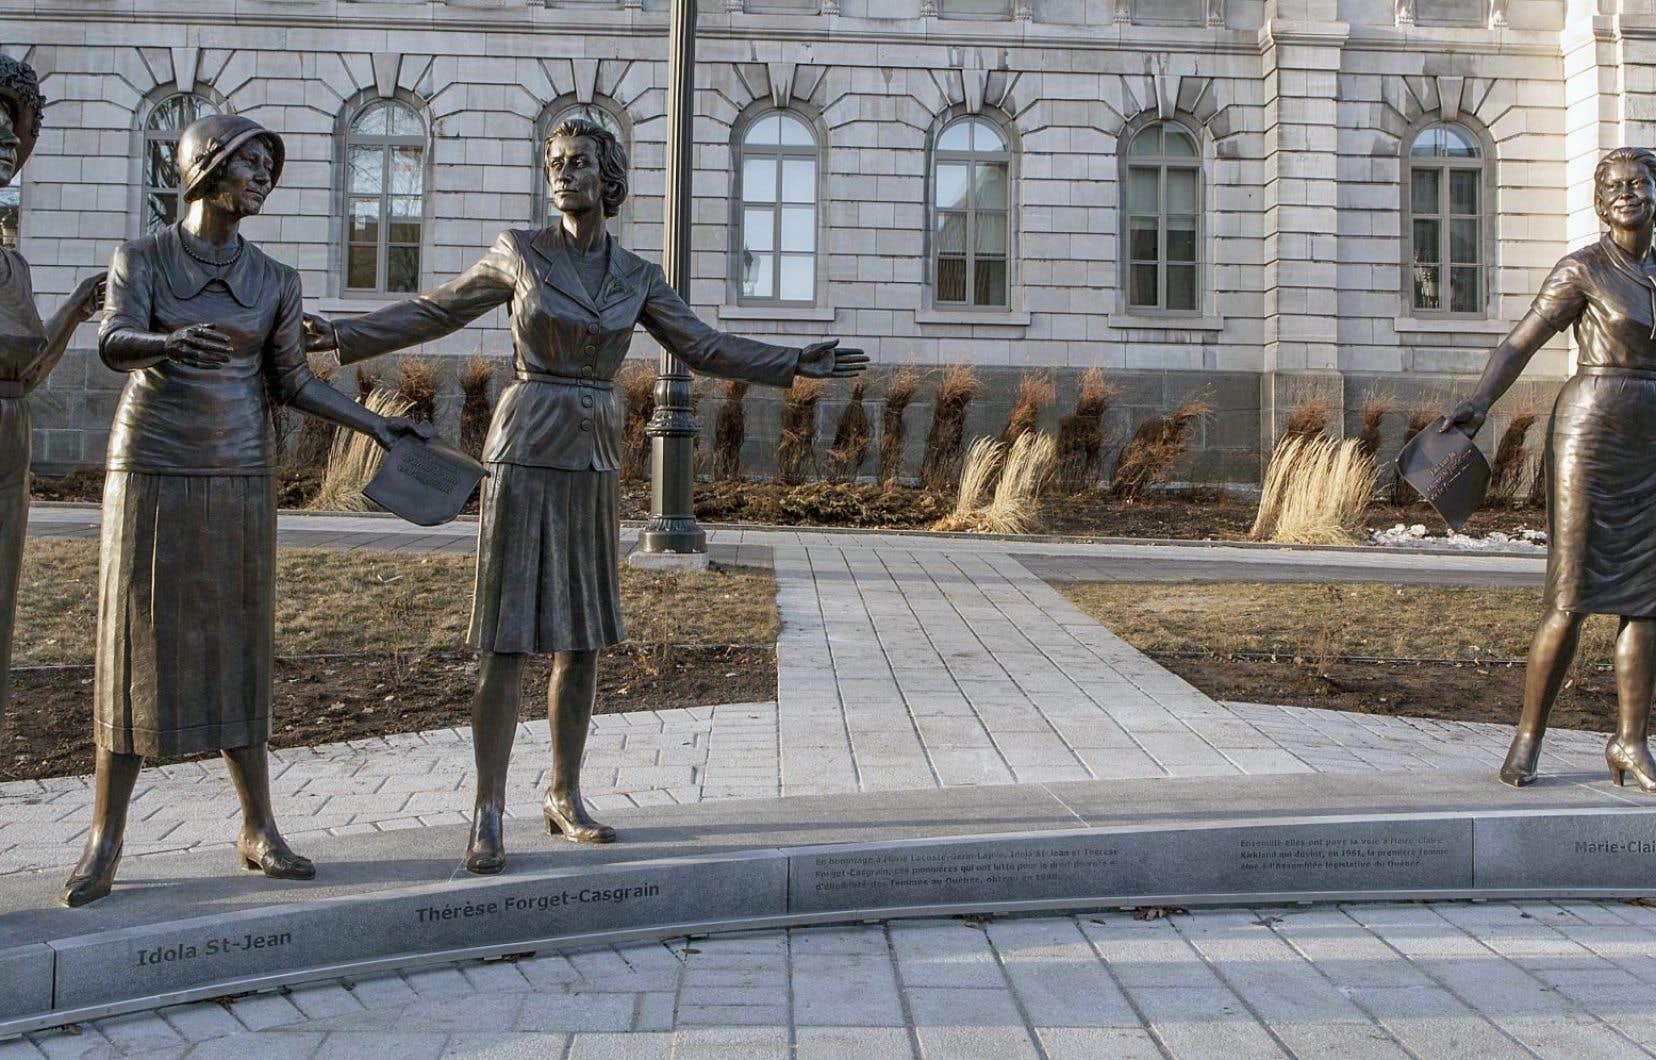 Des sculptures devant l'Assemblée nationale montrent trois suffragettes (Marie Lacoste Gérin-Lajoie, Idola Saint-Jean et Thérèse Forget-Casgrain) et la première députée du Québec, Marie-Claire Kirkland.